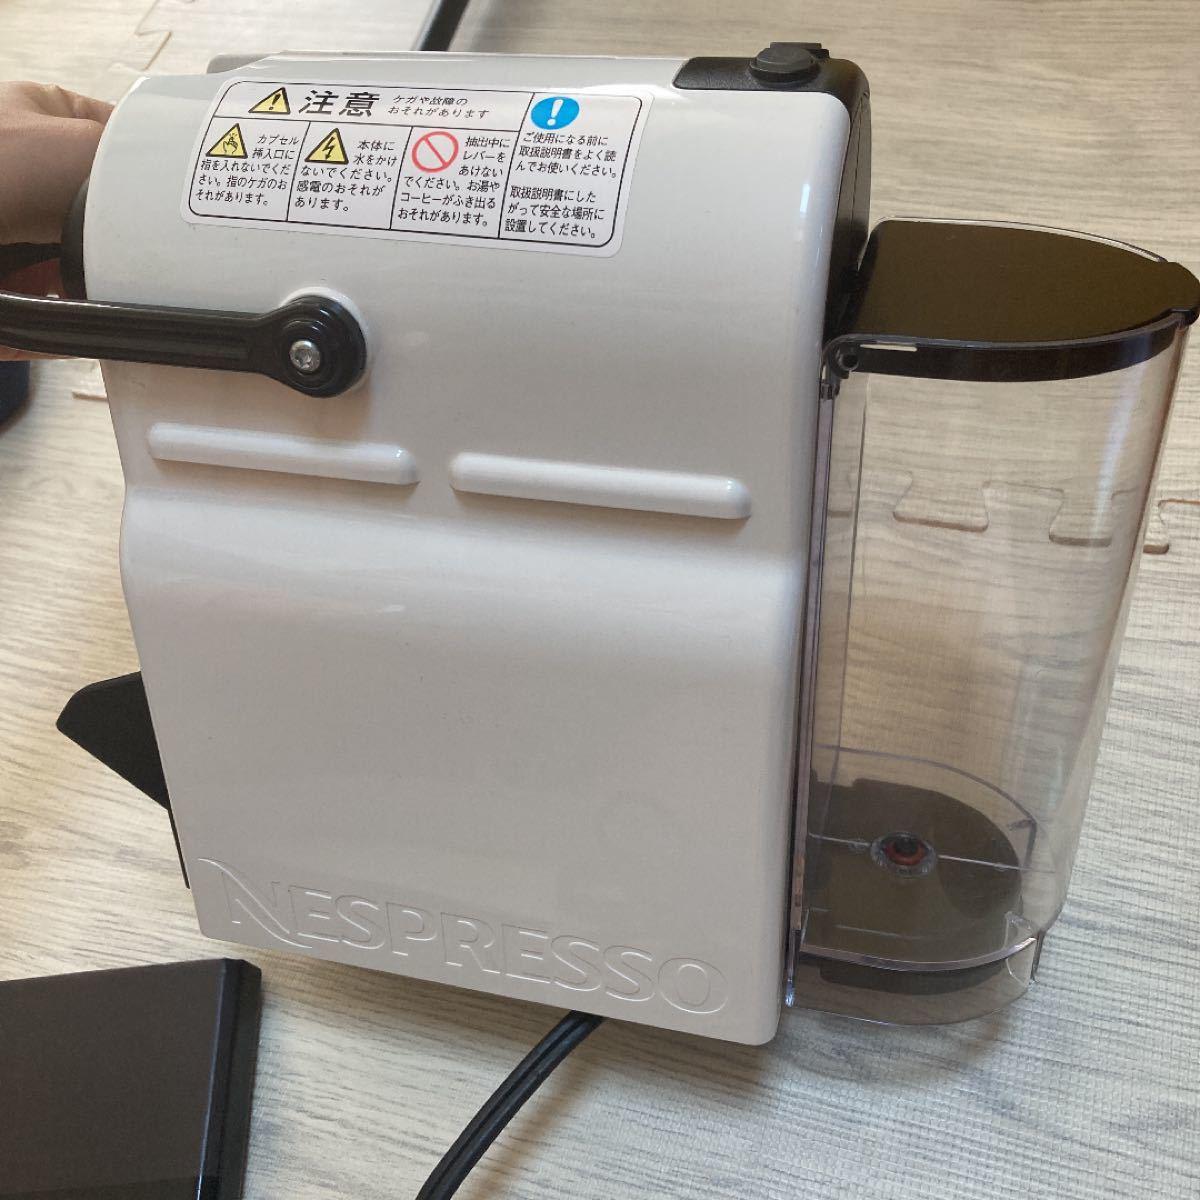 ネスプレッソコーヒーメーカー ほぼ未使用